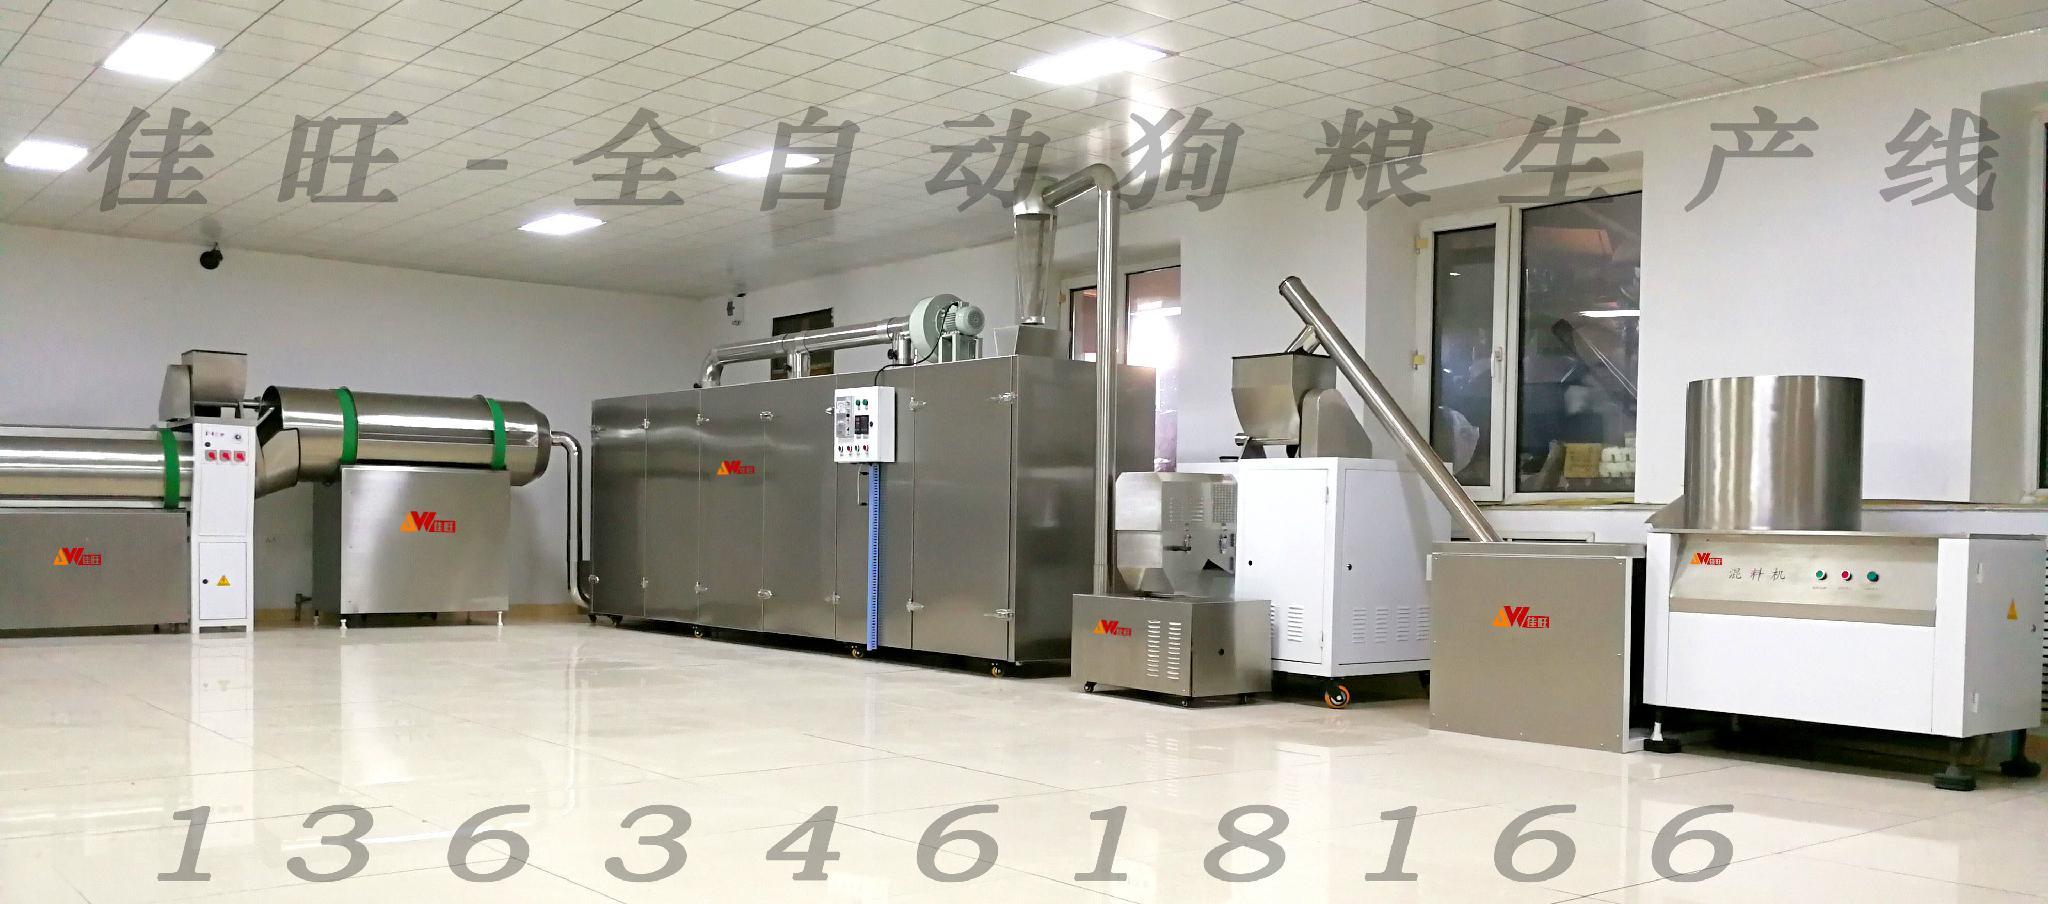 佳旺200E-D全自动狗粮生产线 5